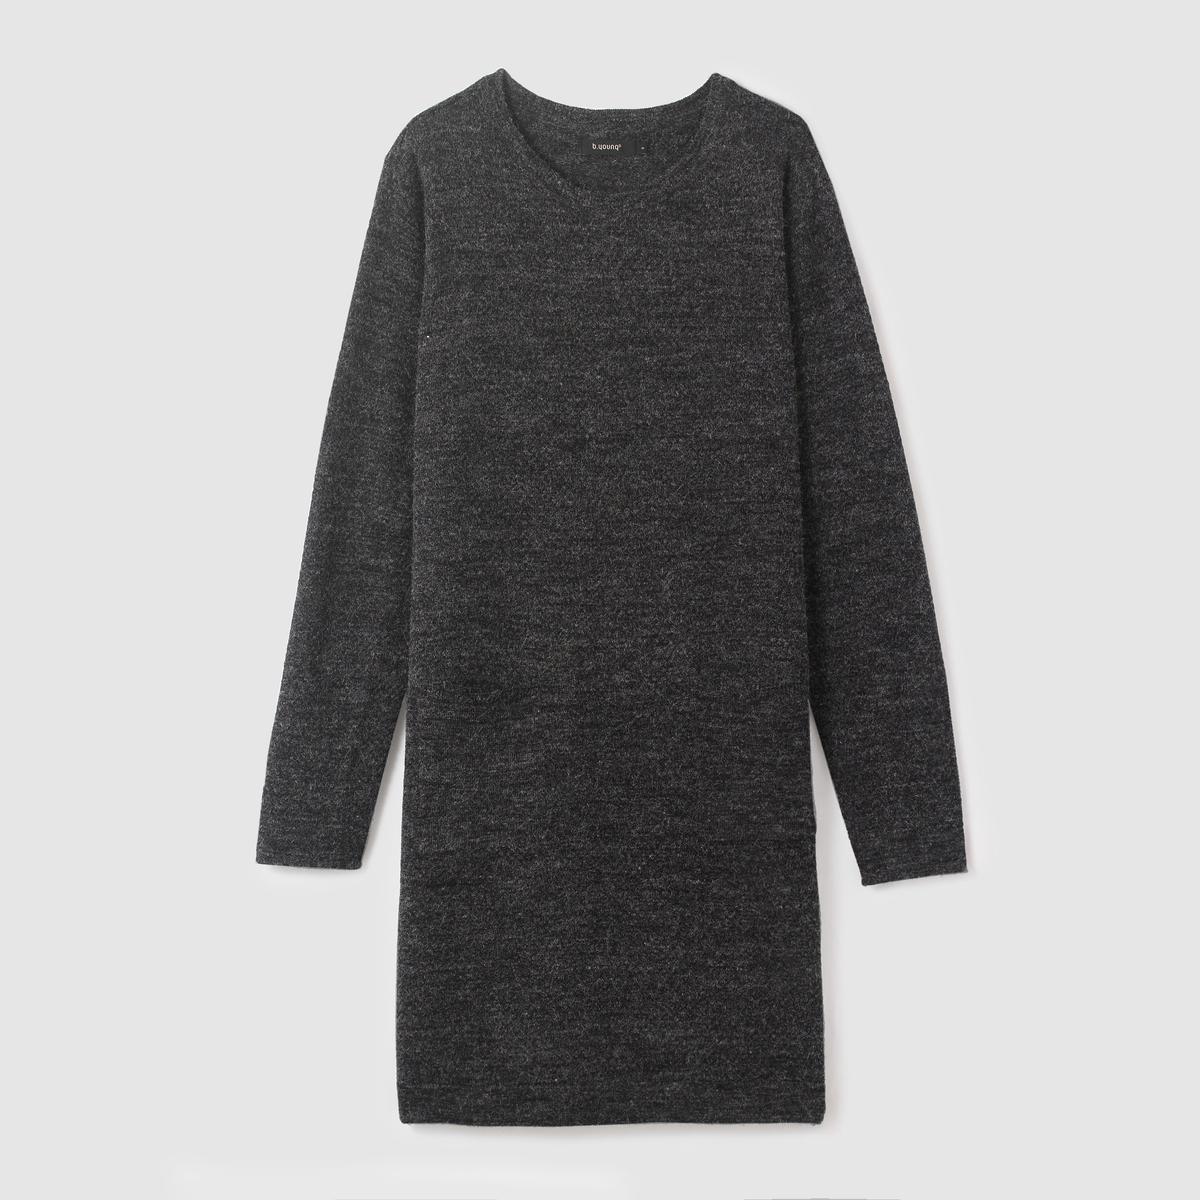 Платье-пуловер длинное OBAS DRESSСостав и описание :Материал : 80% акрила, 20% полиамидаМарка : B.YOUNG<br><br>Цвет: антрацит/меланж,бордовый<br>Размер: XL.M